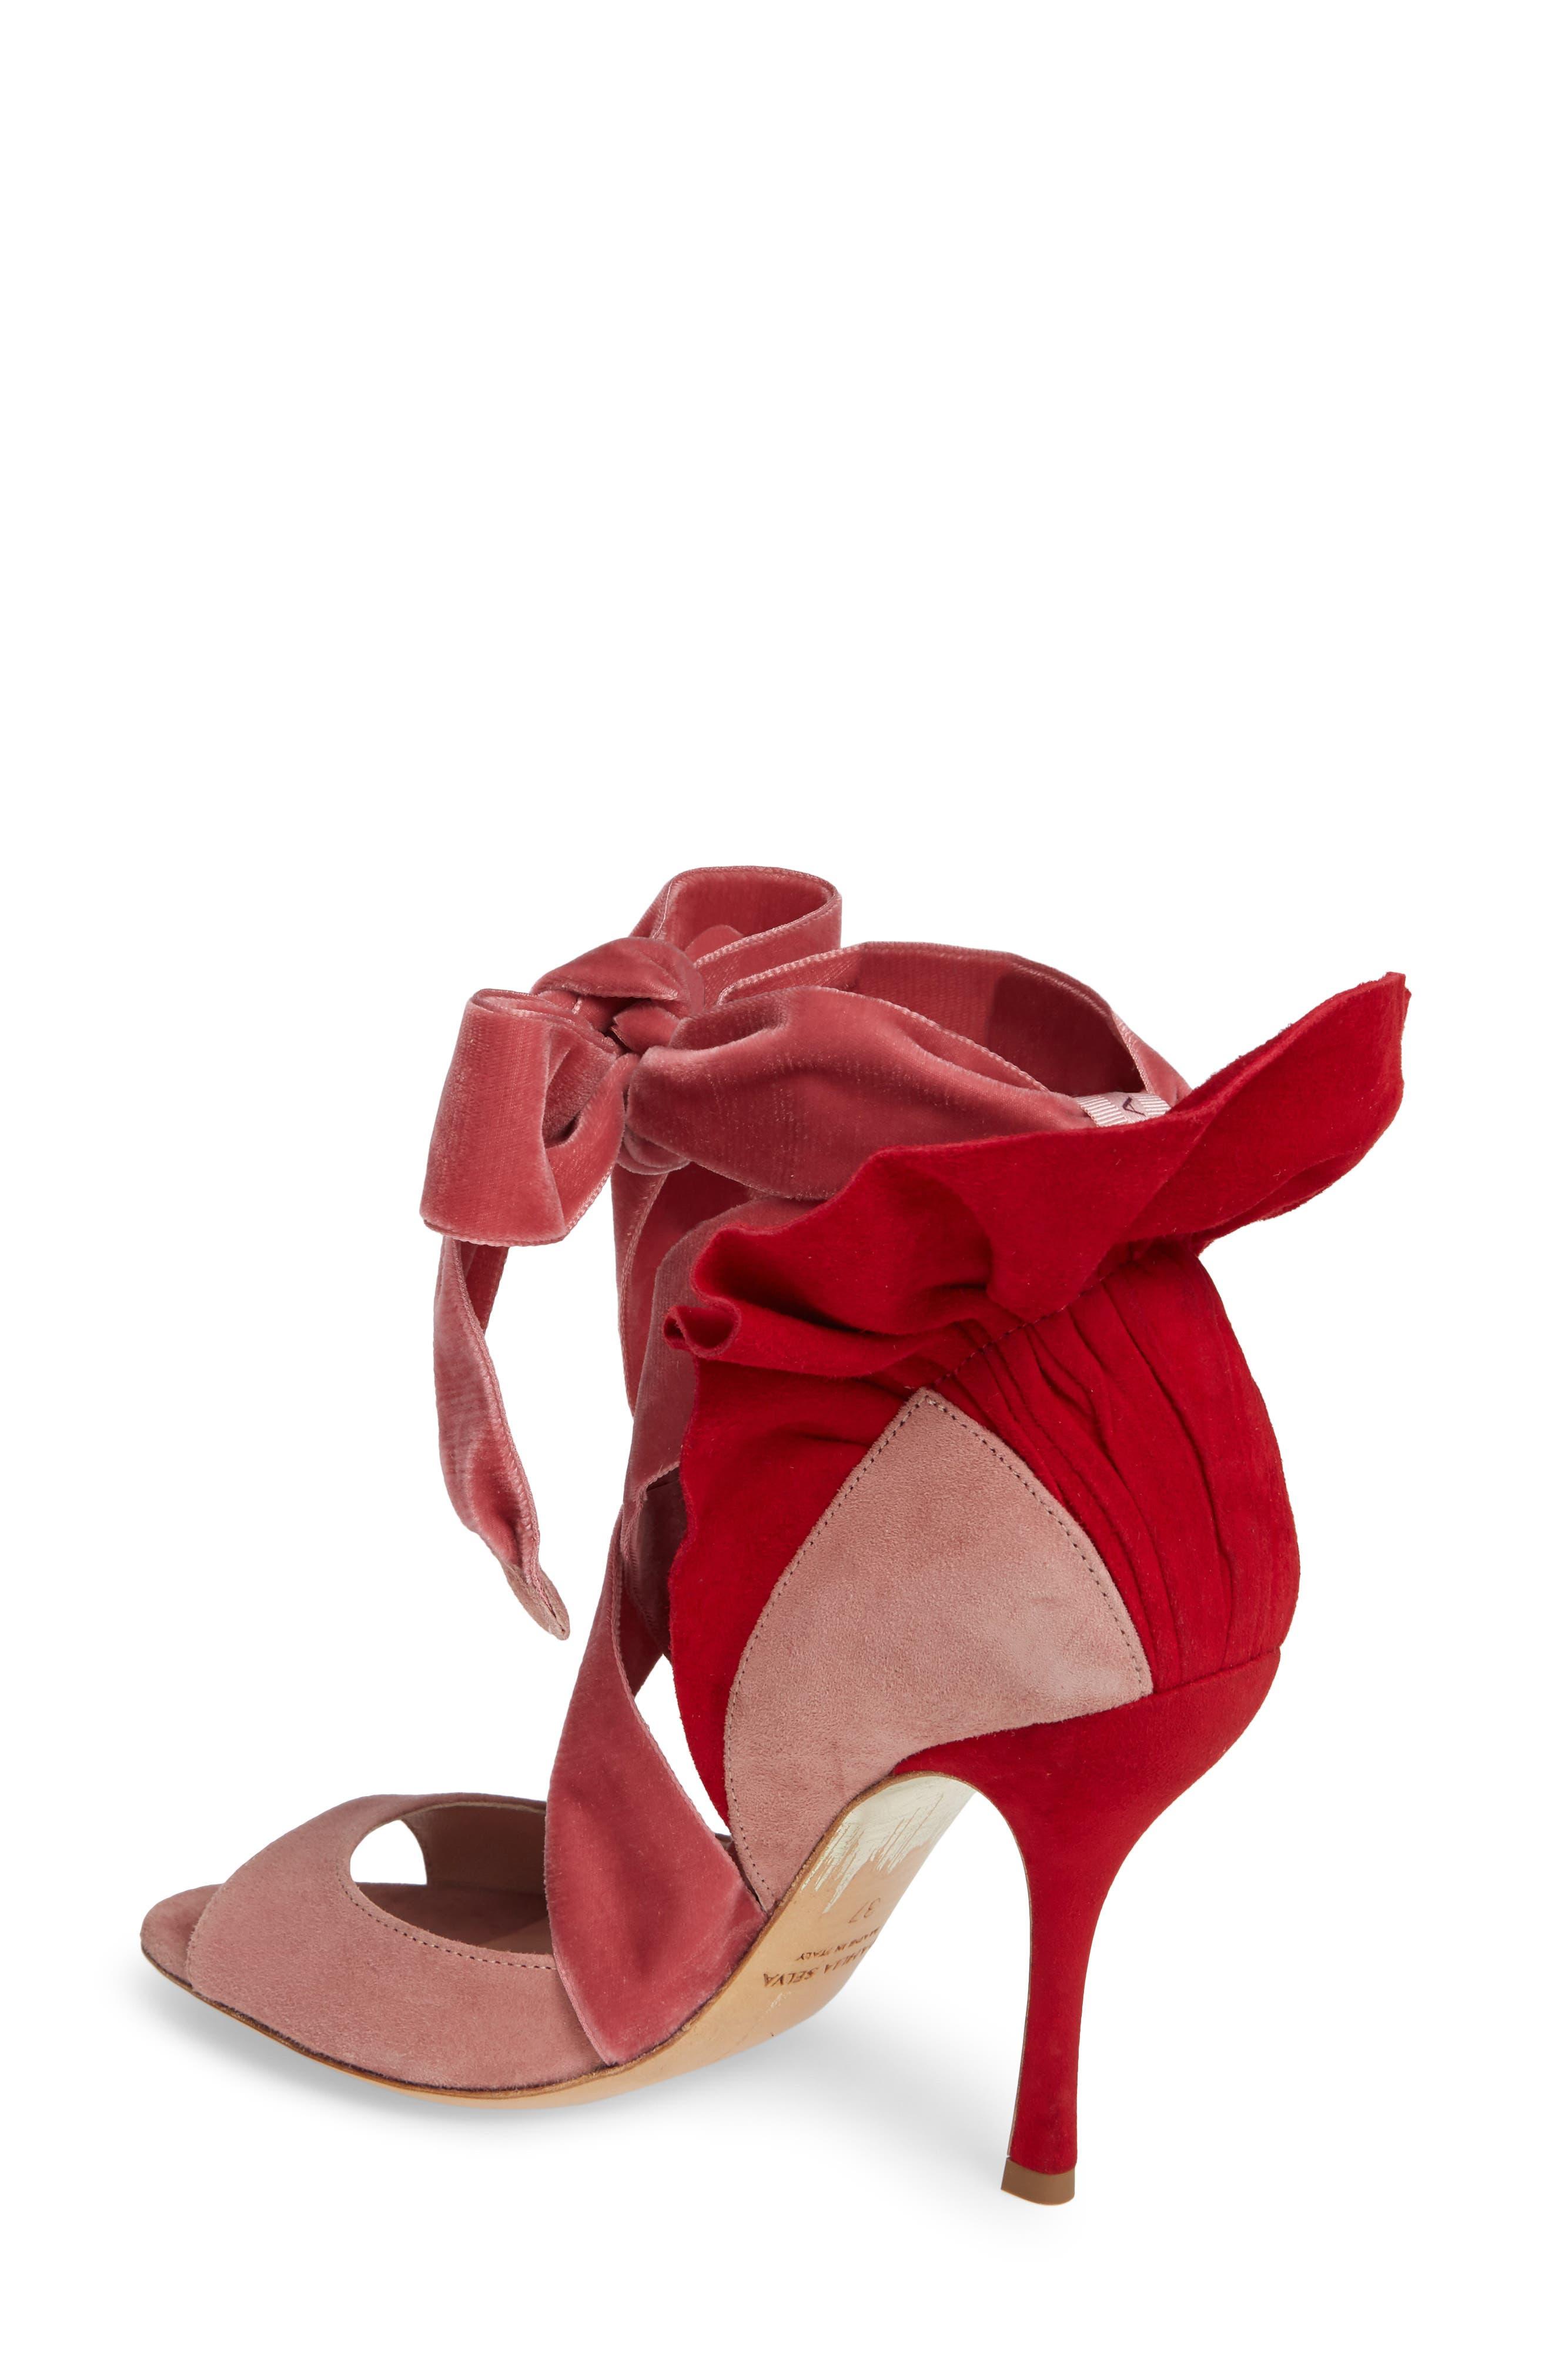 Frills For All Sandal,                             Alternate thumbnail 2, color,                             ROSE/ RED